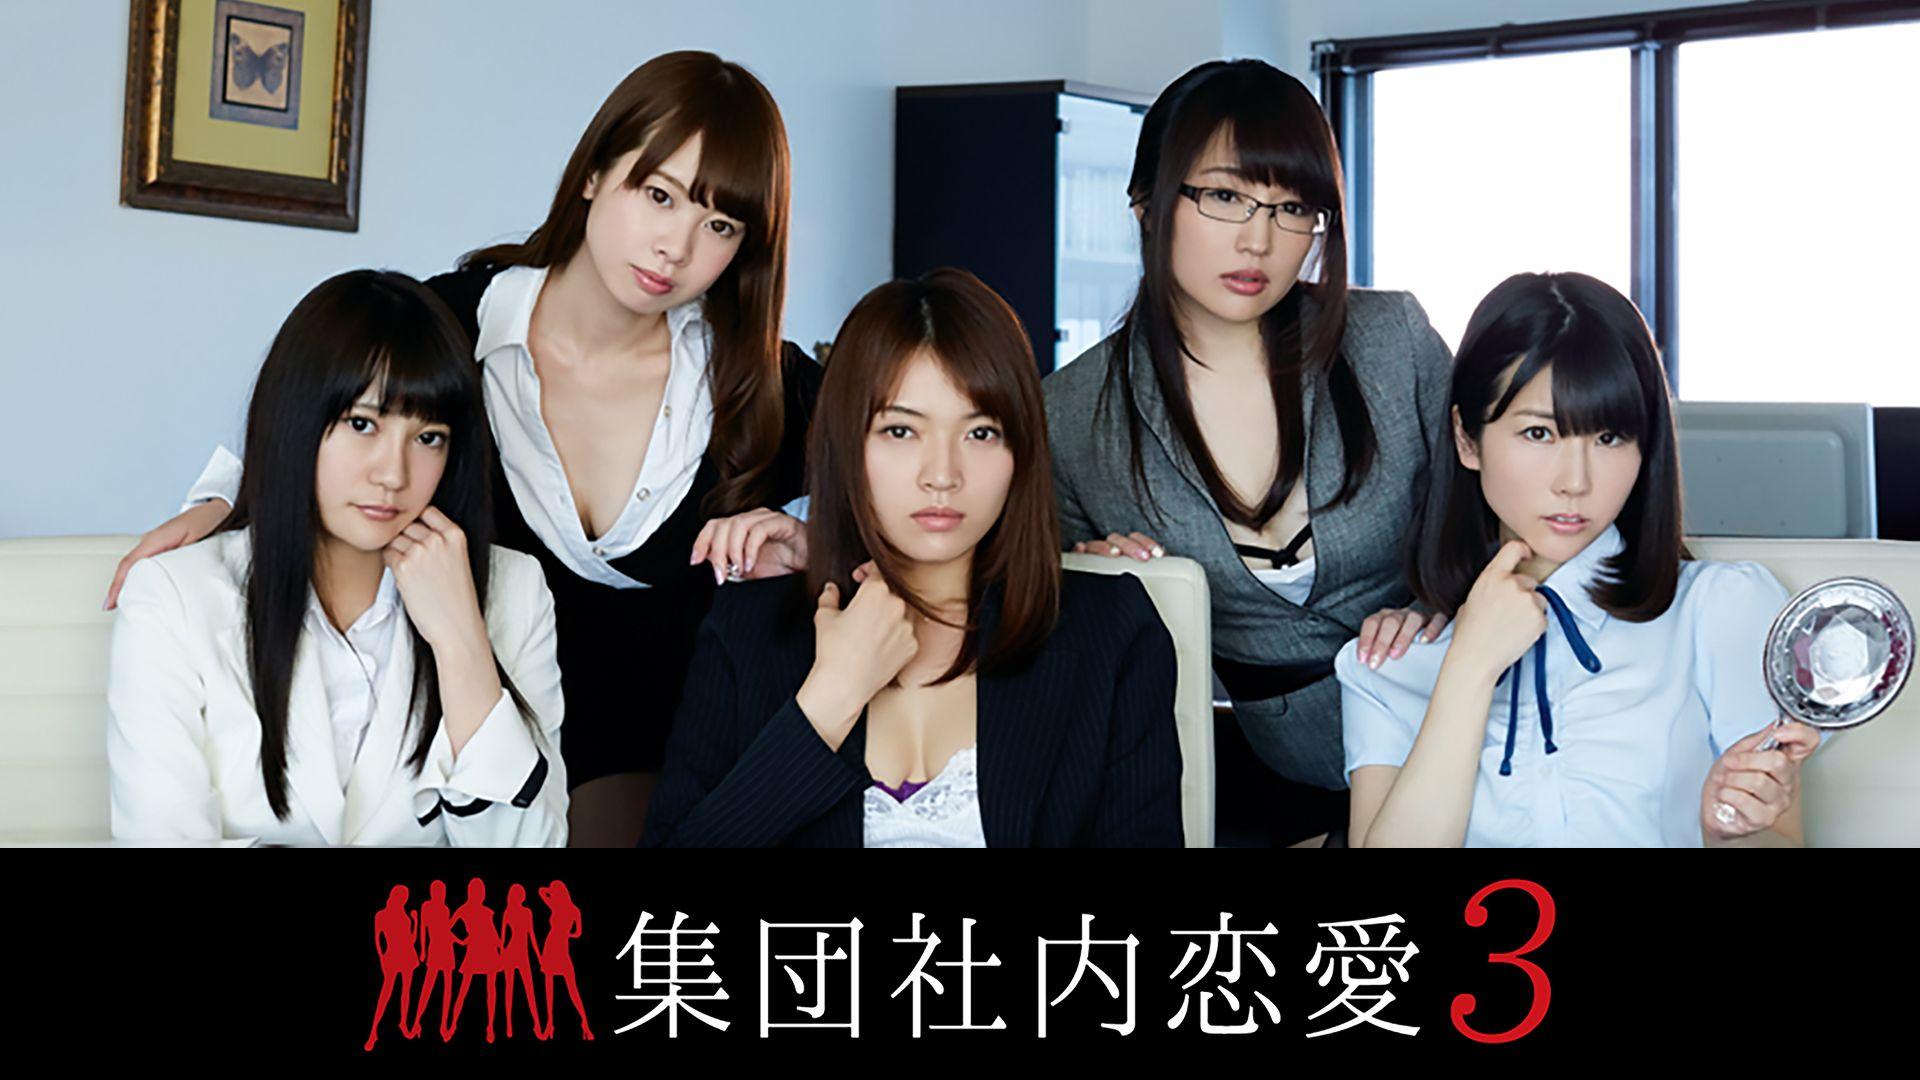 『集団社内恋愛3』